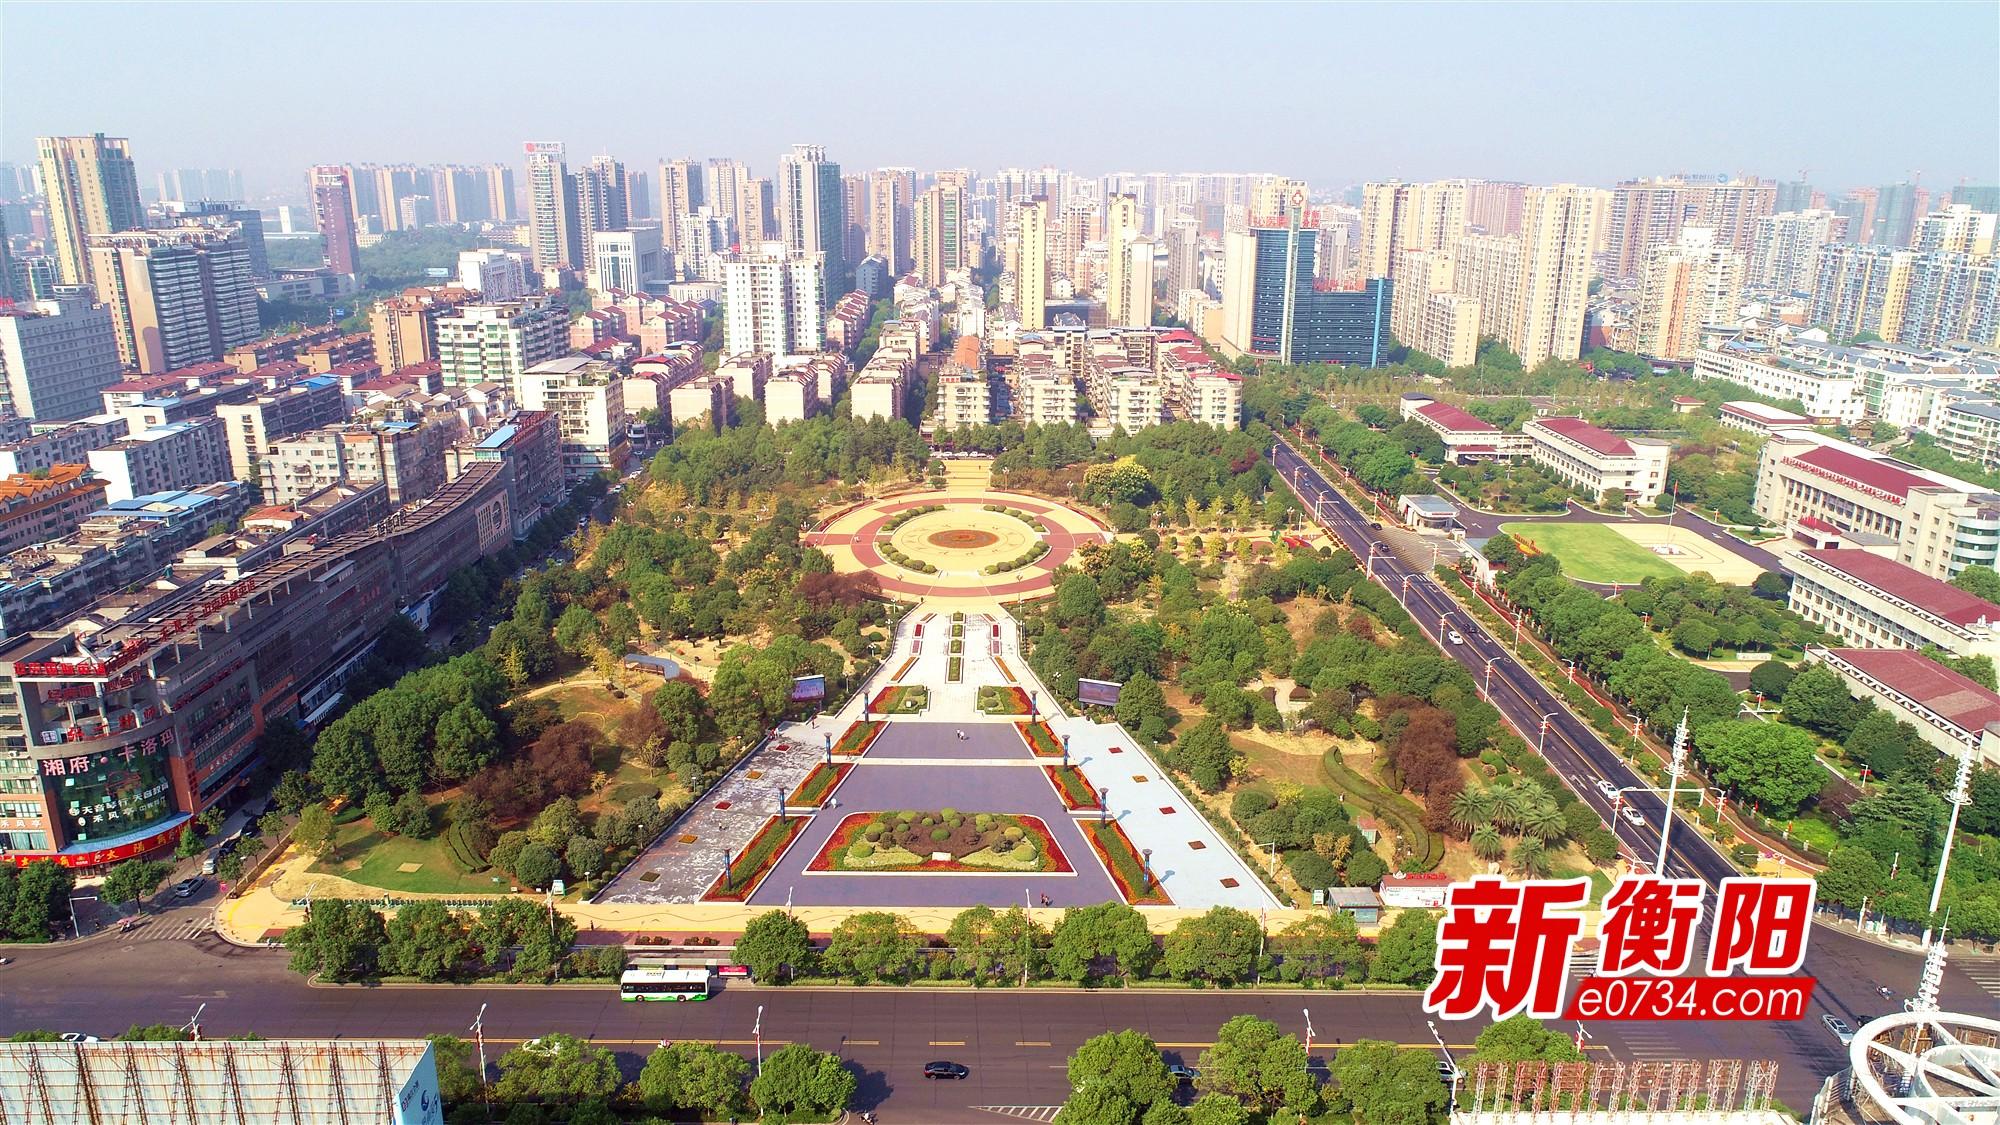 庆祝新中国成立70周年:衡阳园林景观造型美不胜收